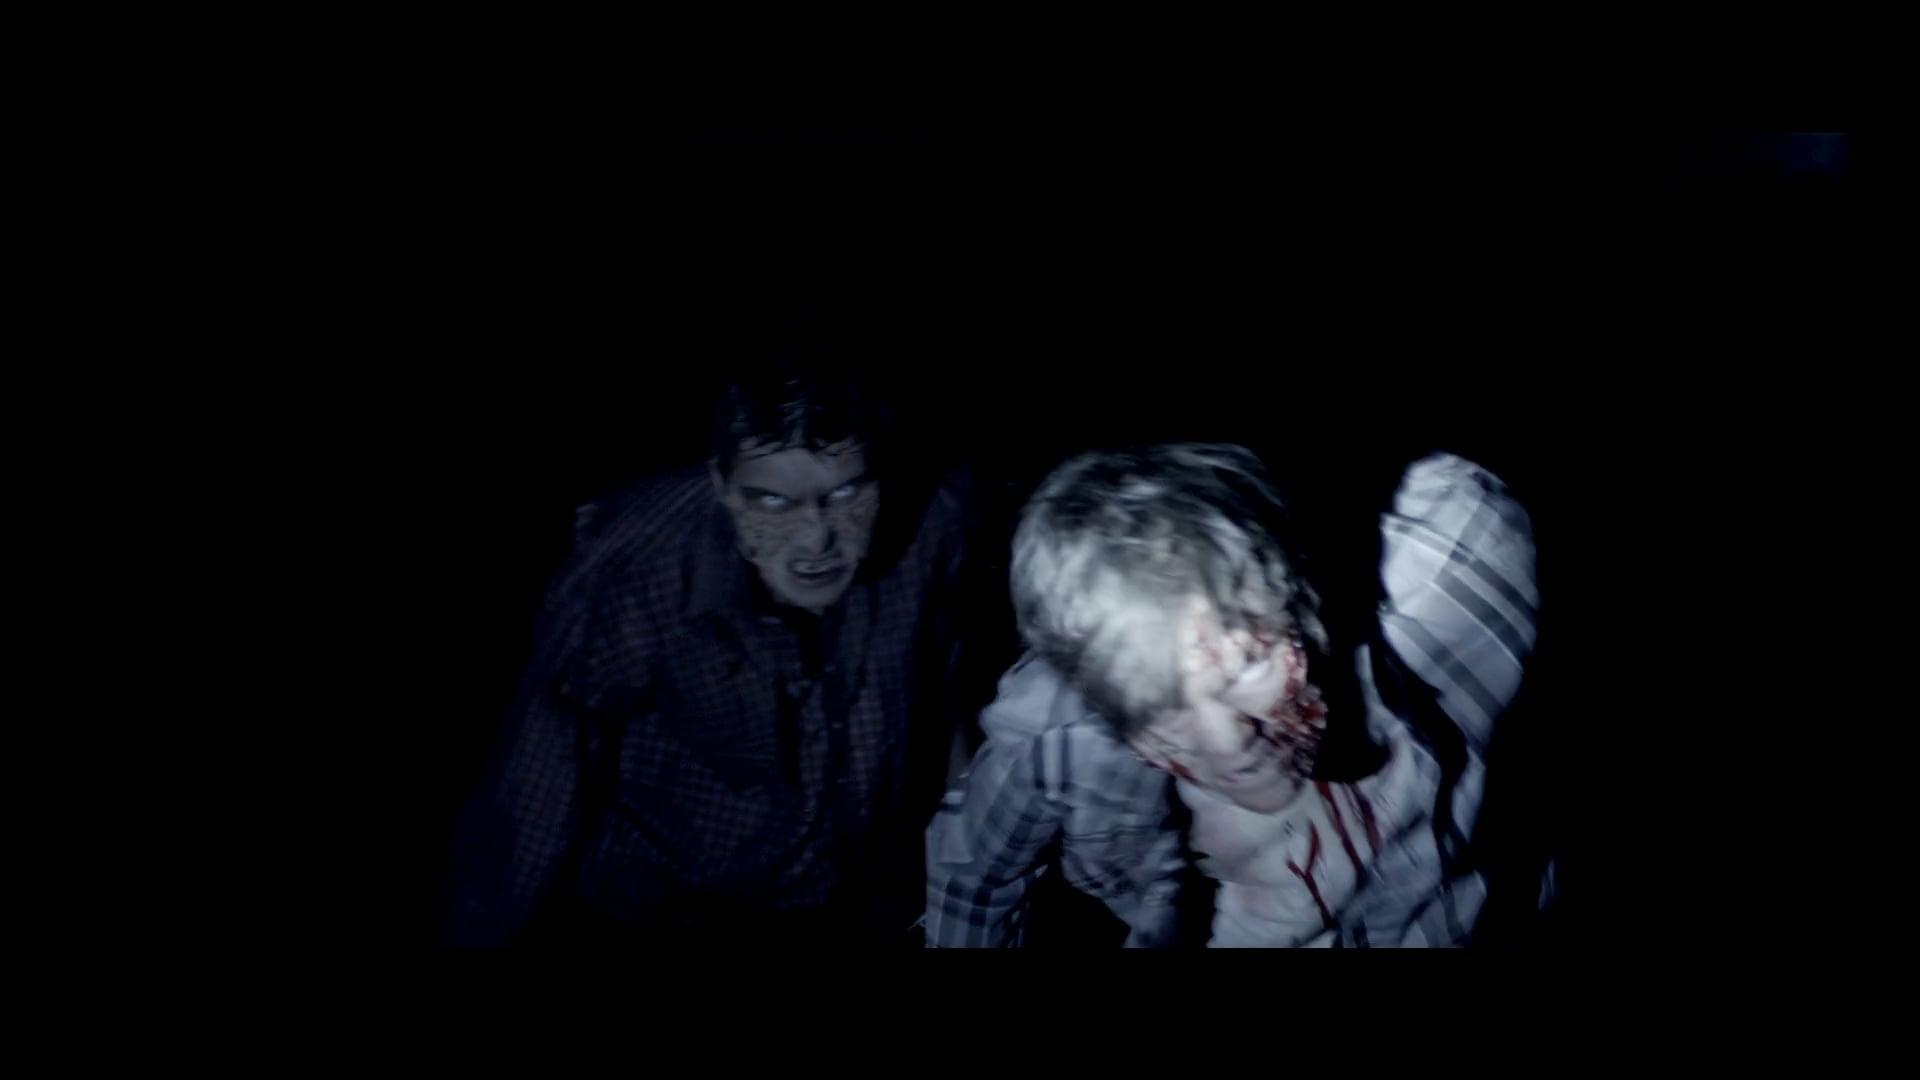 Movie World - Fright Nights